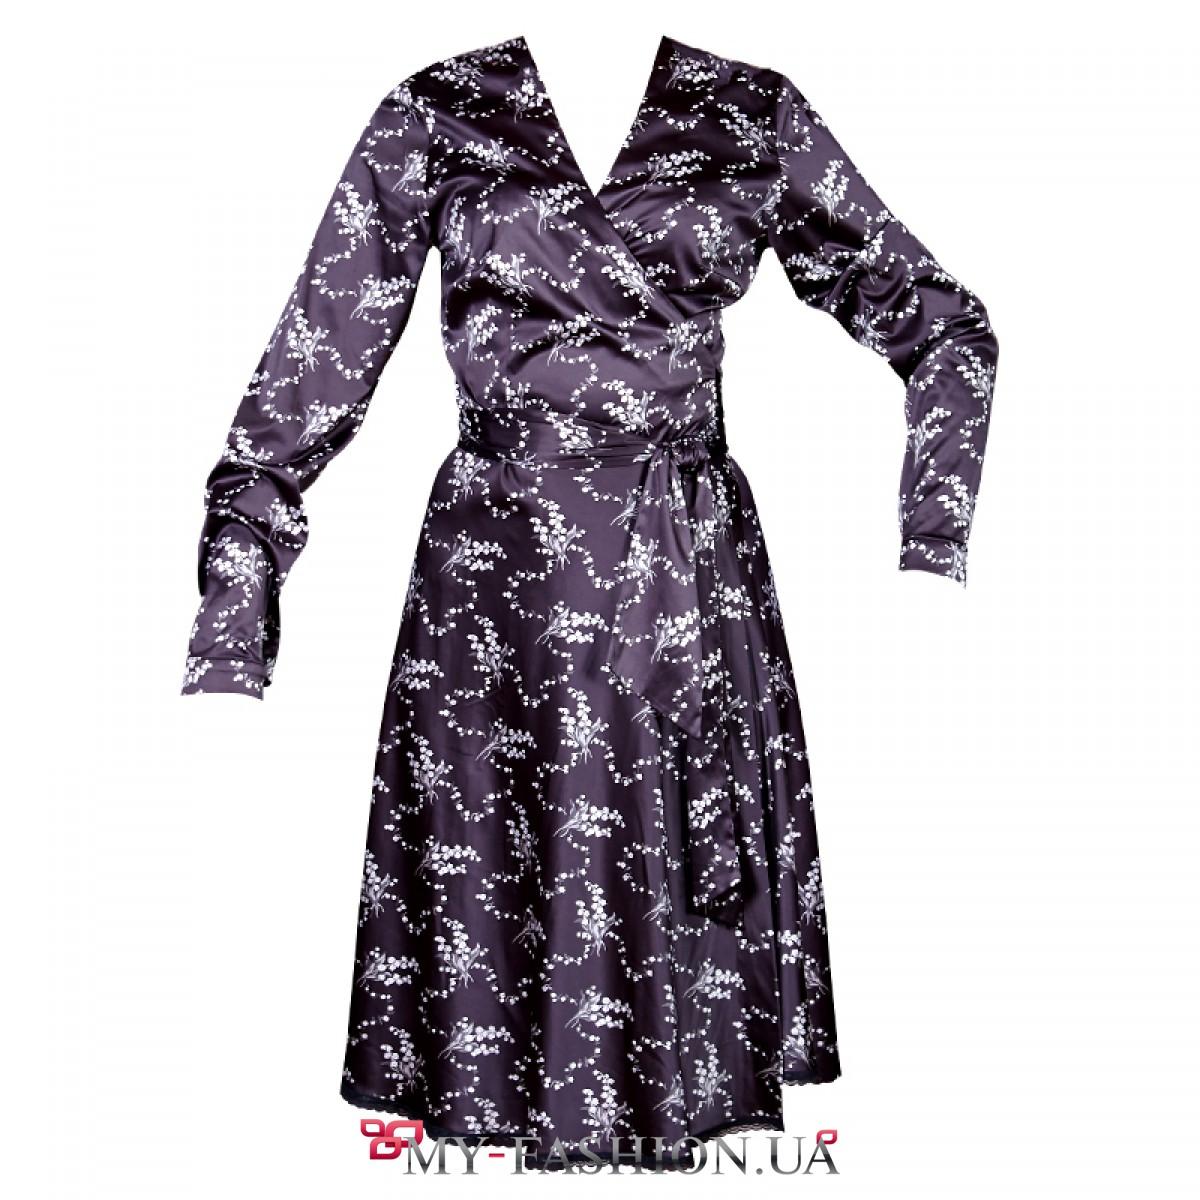 Купить красивое платье интернет магазин с доставкой